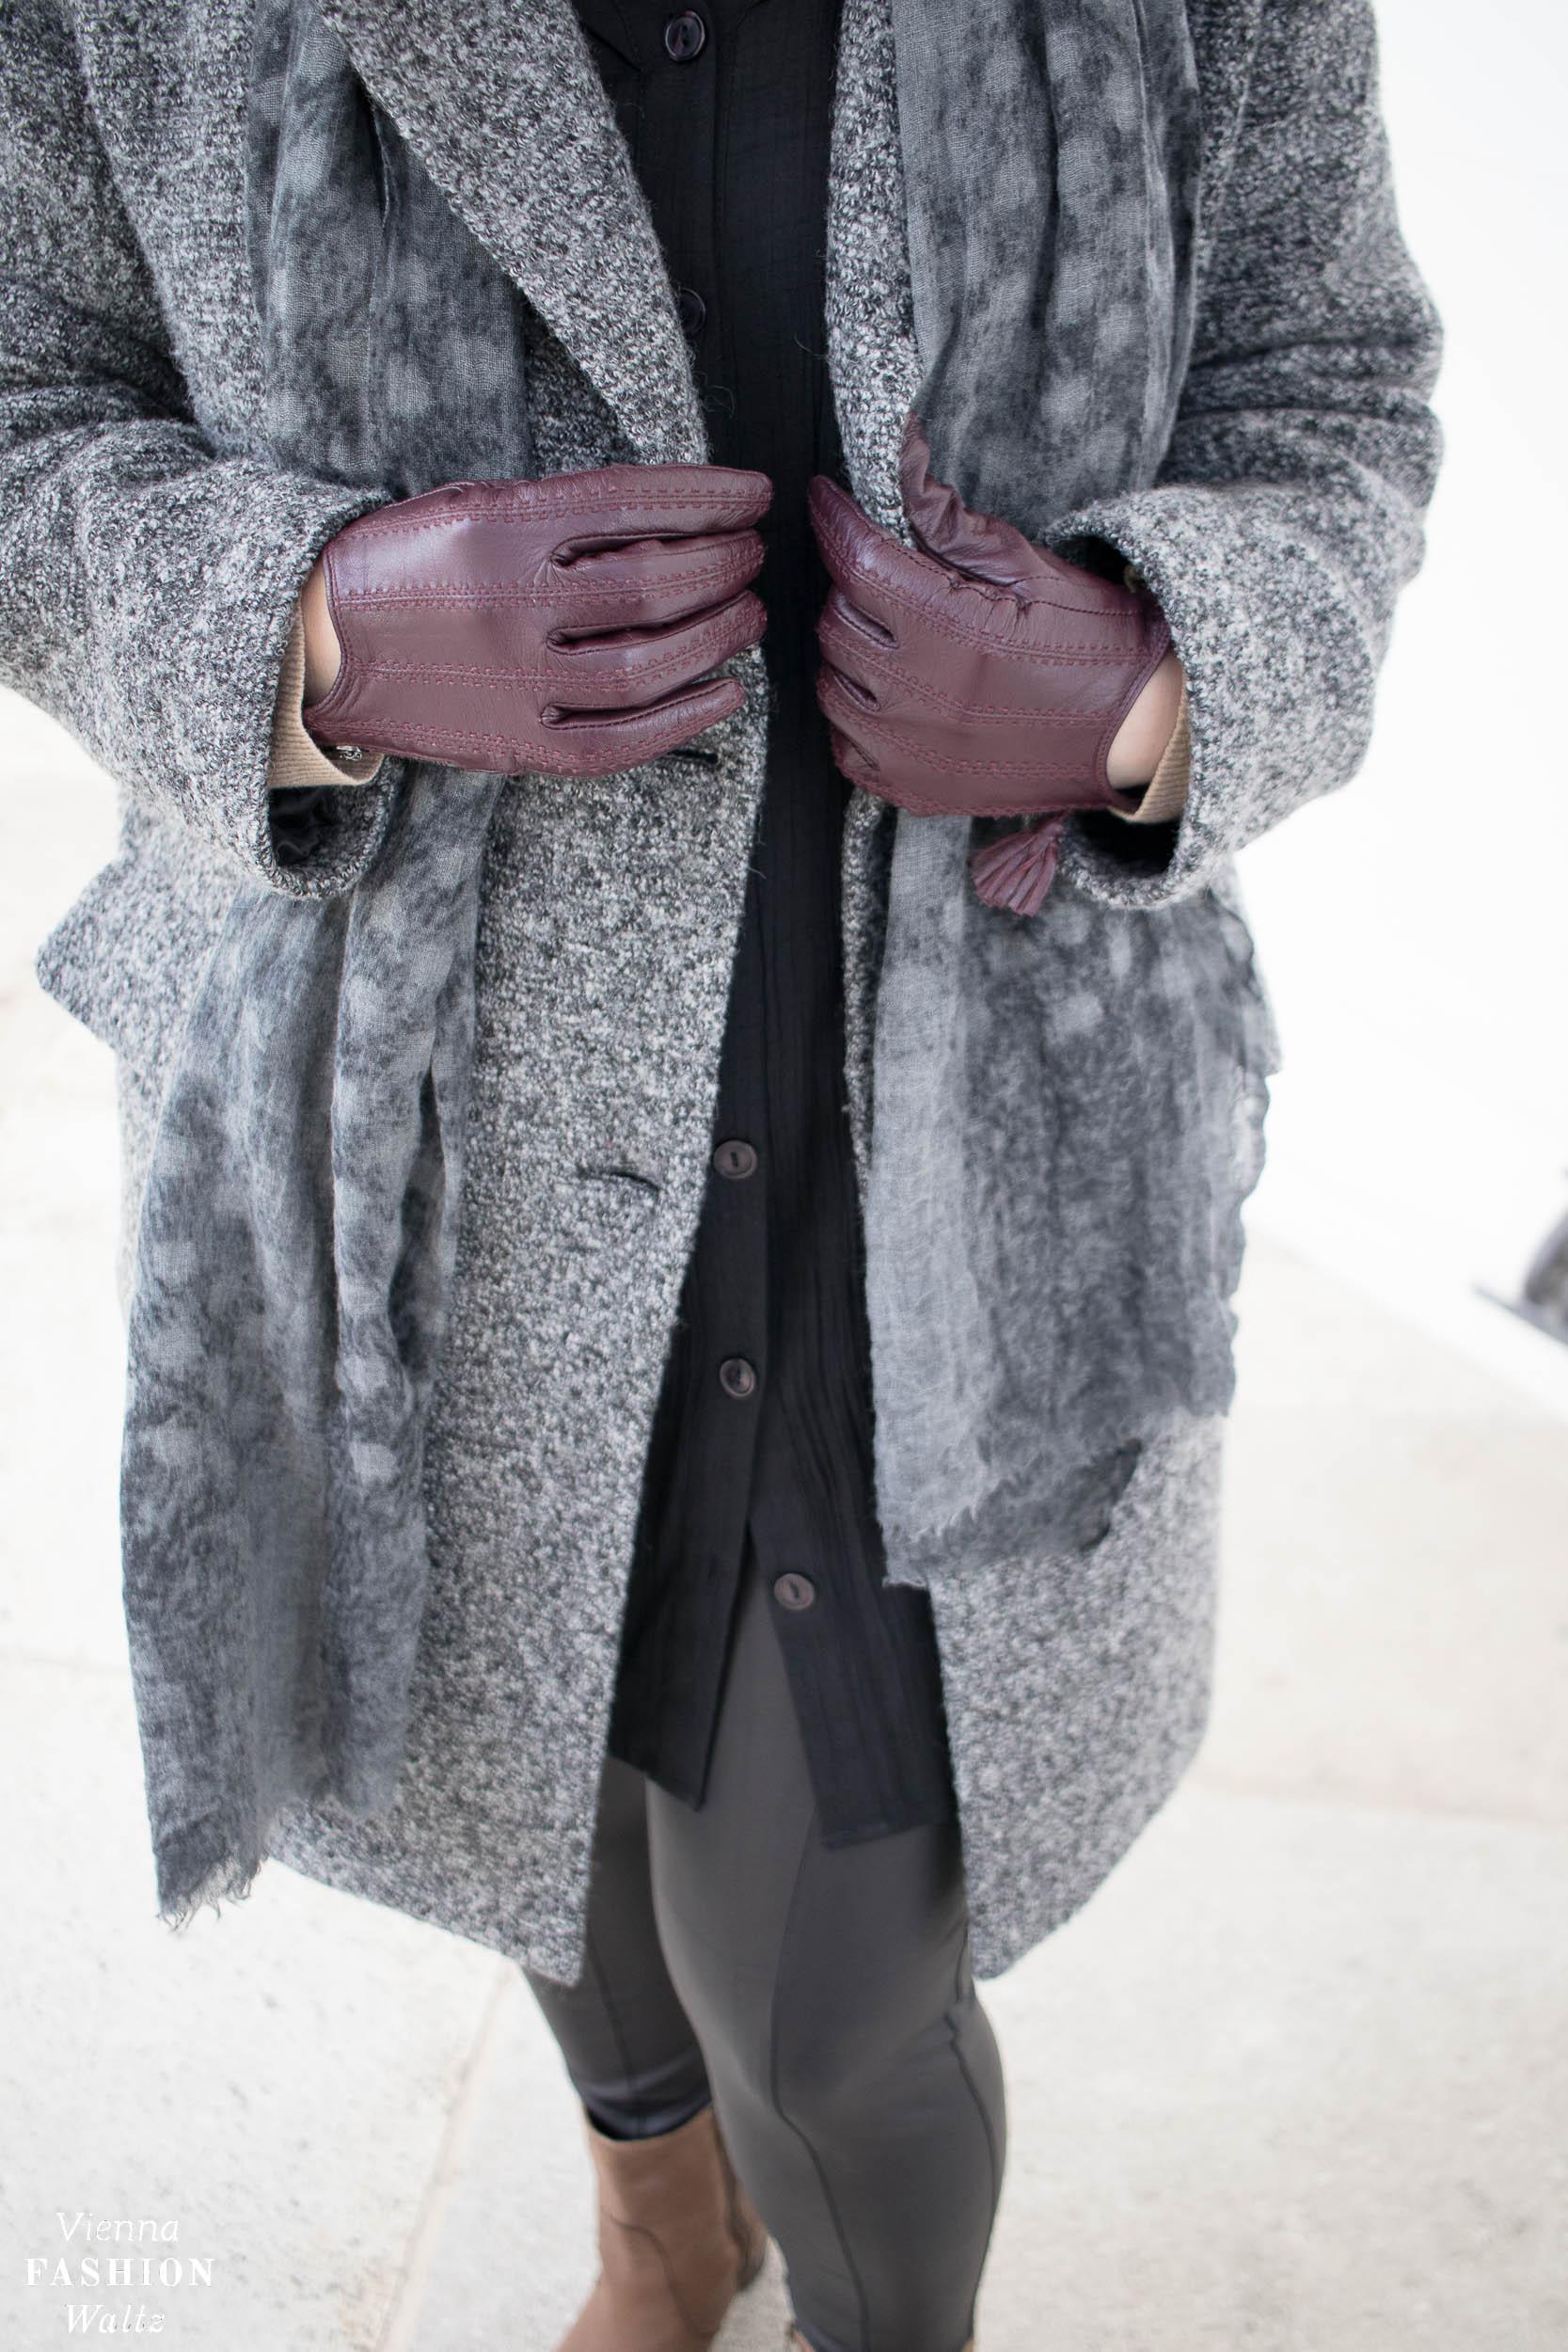 Die richtige Pflege für Handschuhe aus Leder!